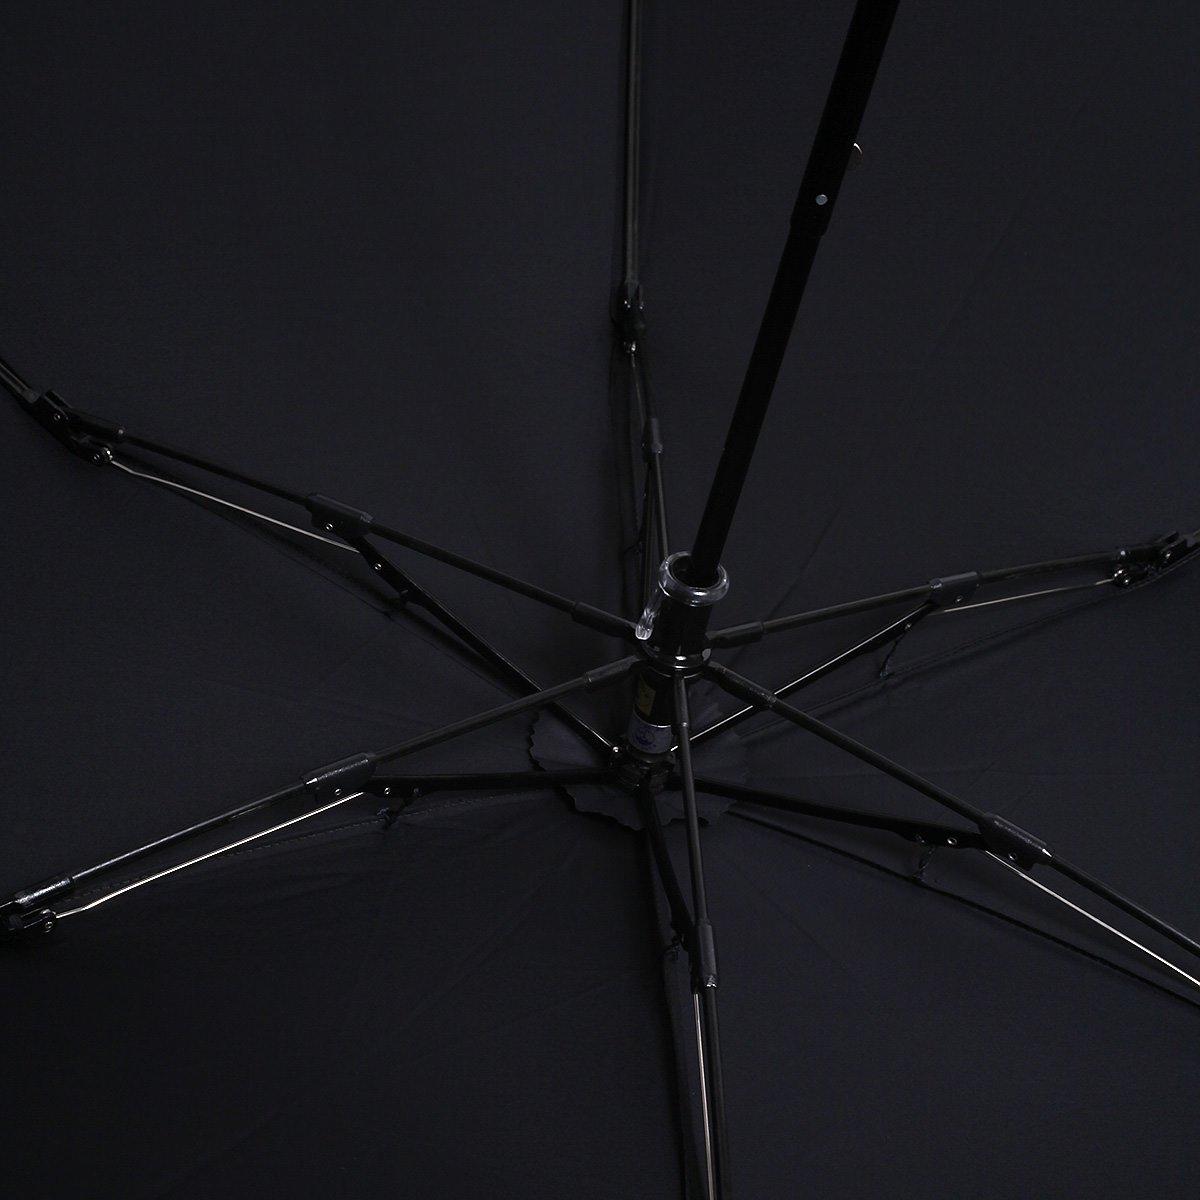 強力撥水 レインドロップ レクタス 折りたたみ傘 詳細画像11